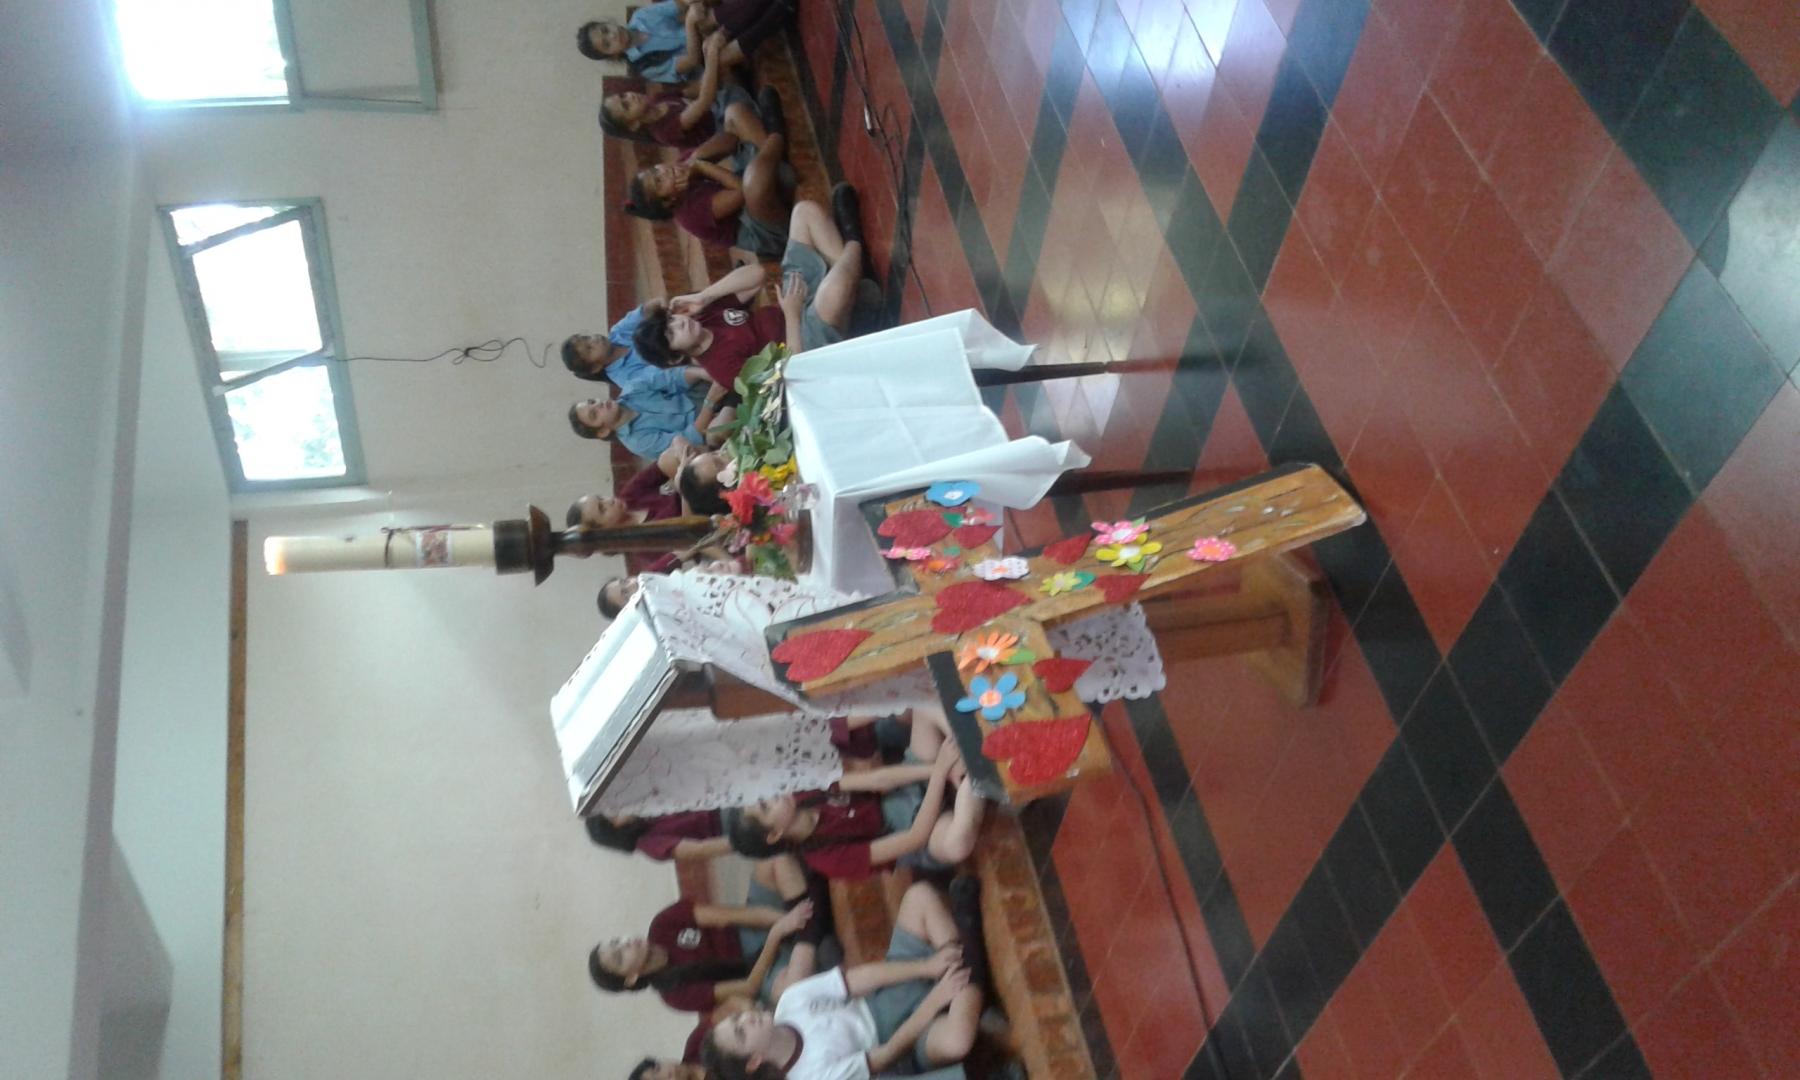 viernes-santo-en-inst-san-jos_39400077790_o